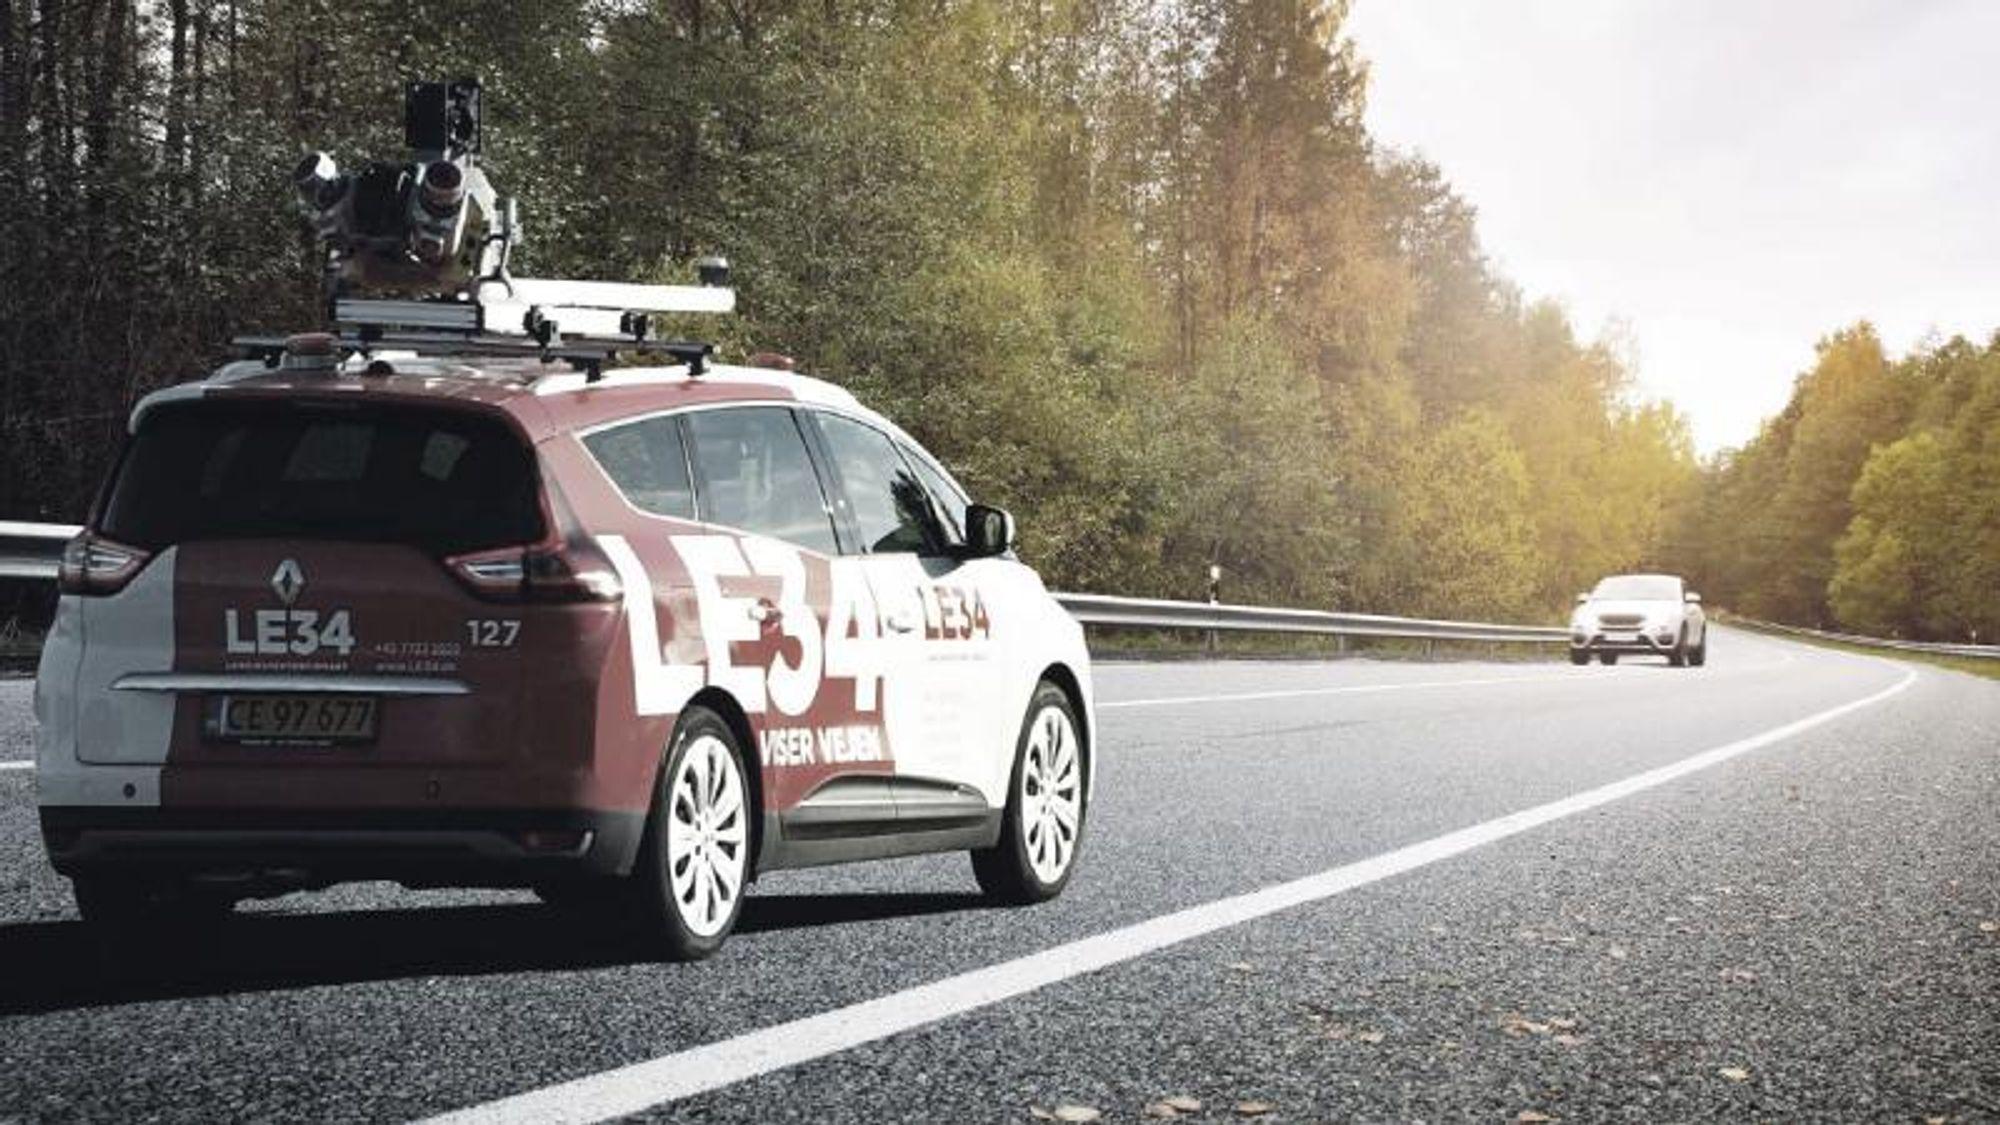 Med sin egen «street view-bil» har landinspektørbedriften målt opp en veistrekning på 11 km på en formiddag. Dette ville normalt ha tatt to medarbeidere mellom 25 og 30 dager. GNSS-antenne registrerer systemets relative retning i forhold til nord.